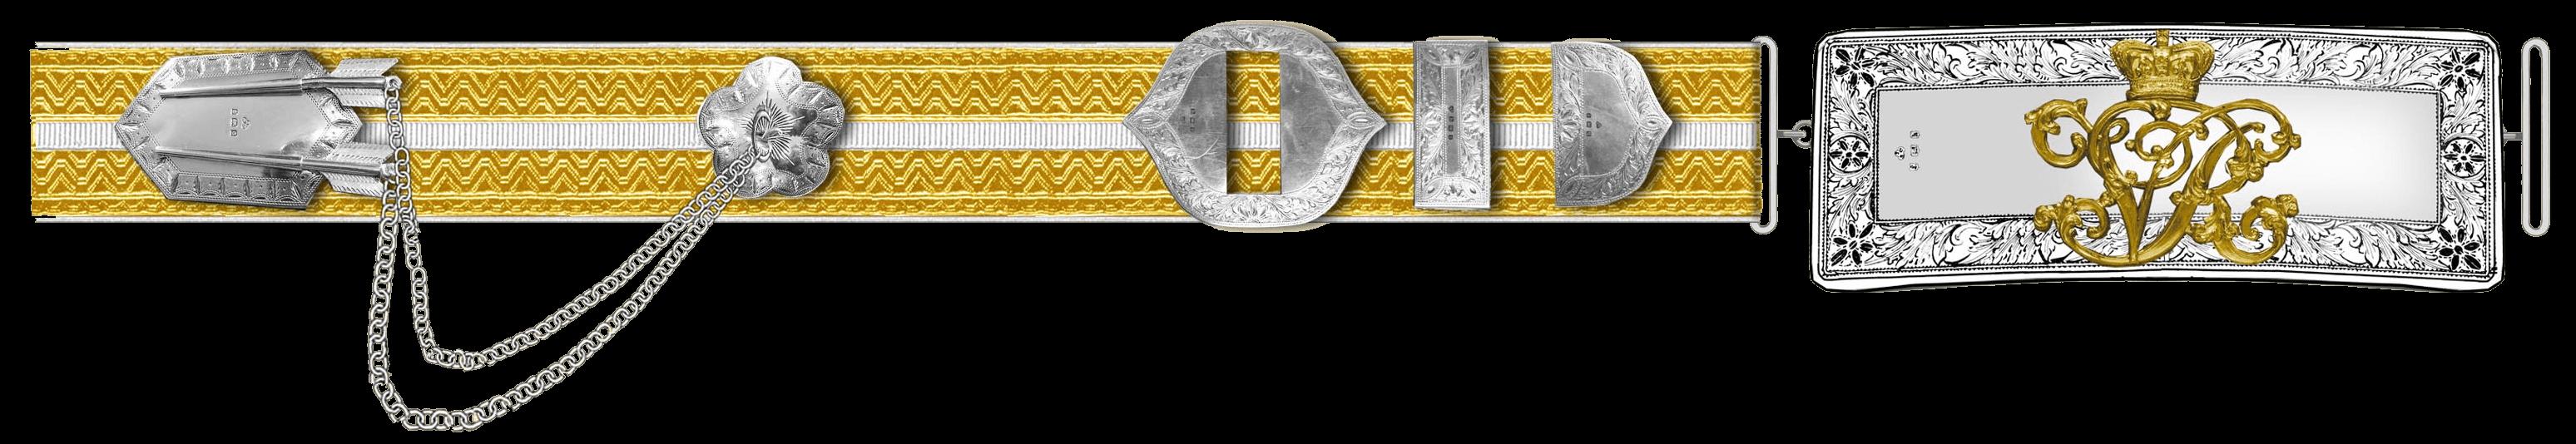 Плечевой ремень офицера 17 уланского полка.